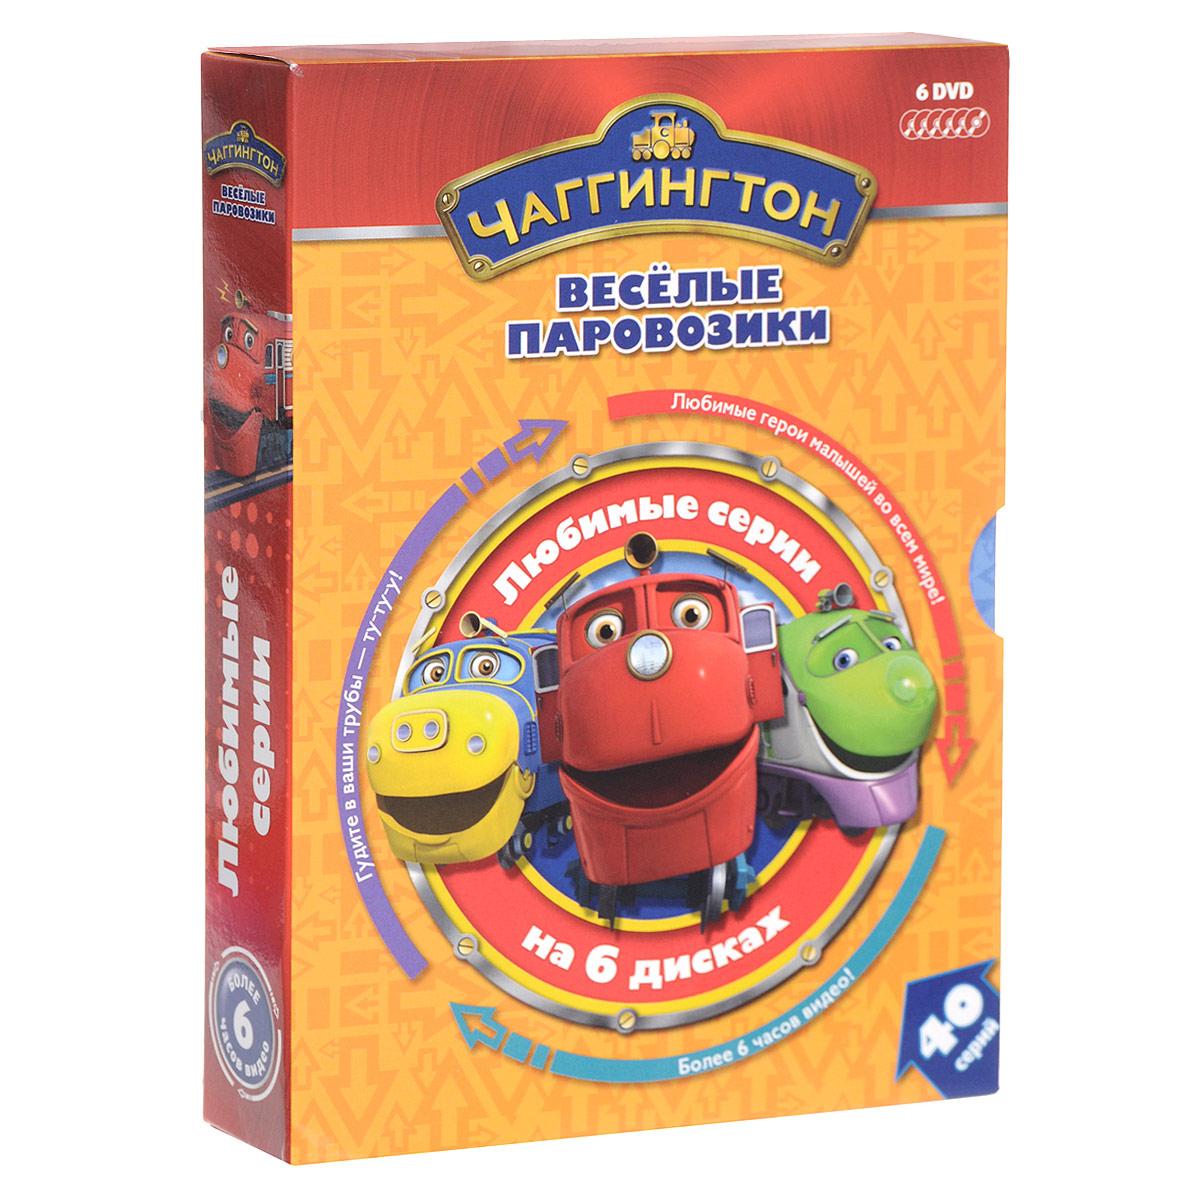 Чаггингтон: Веселые паровозики. Любимые серии (6 DVD)